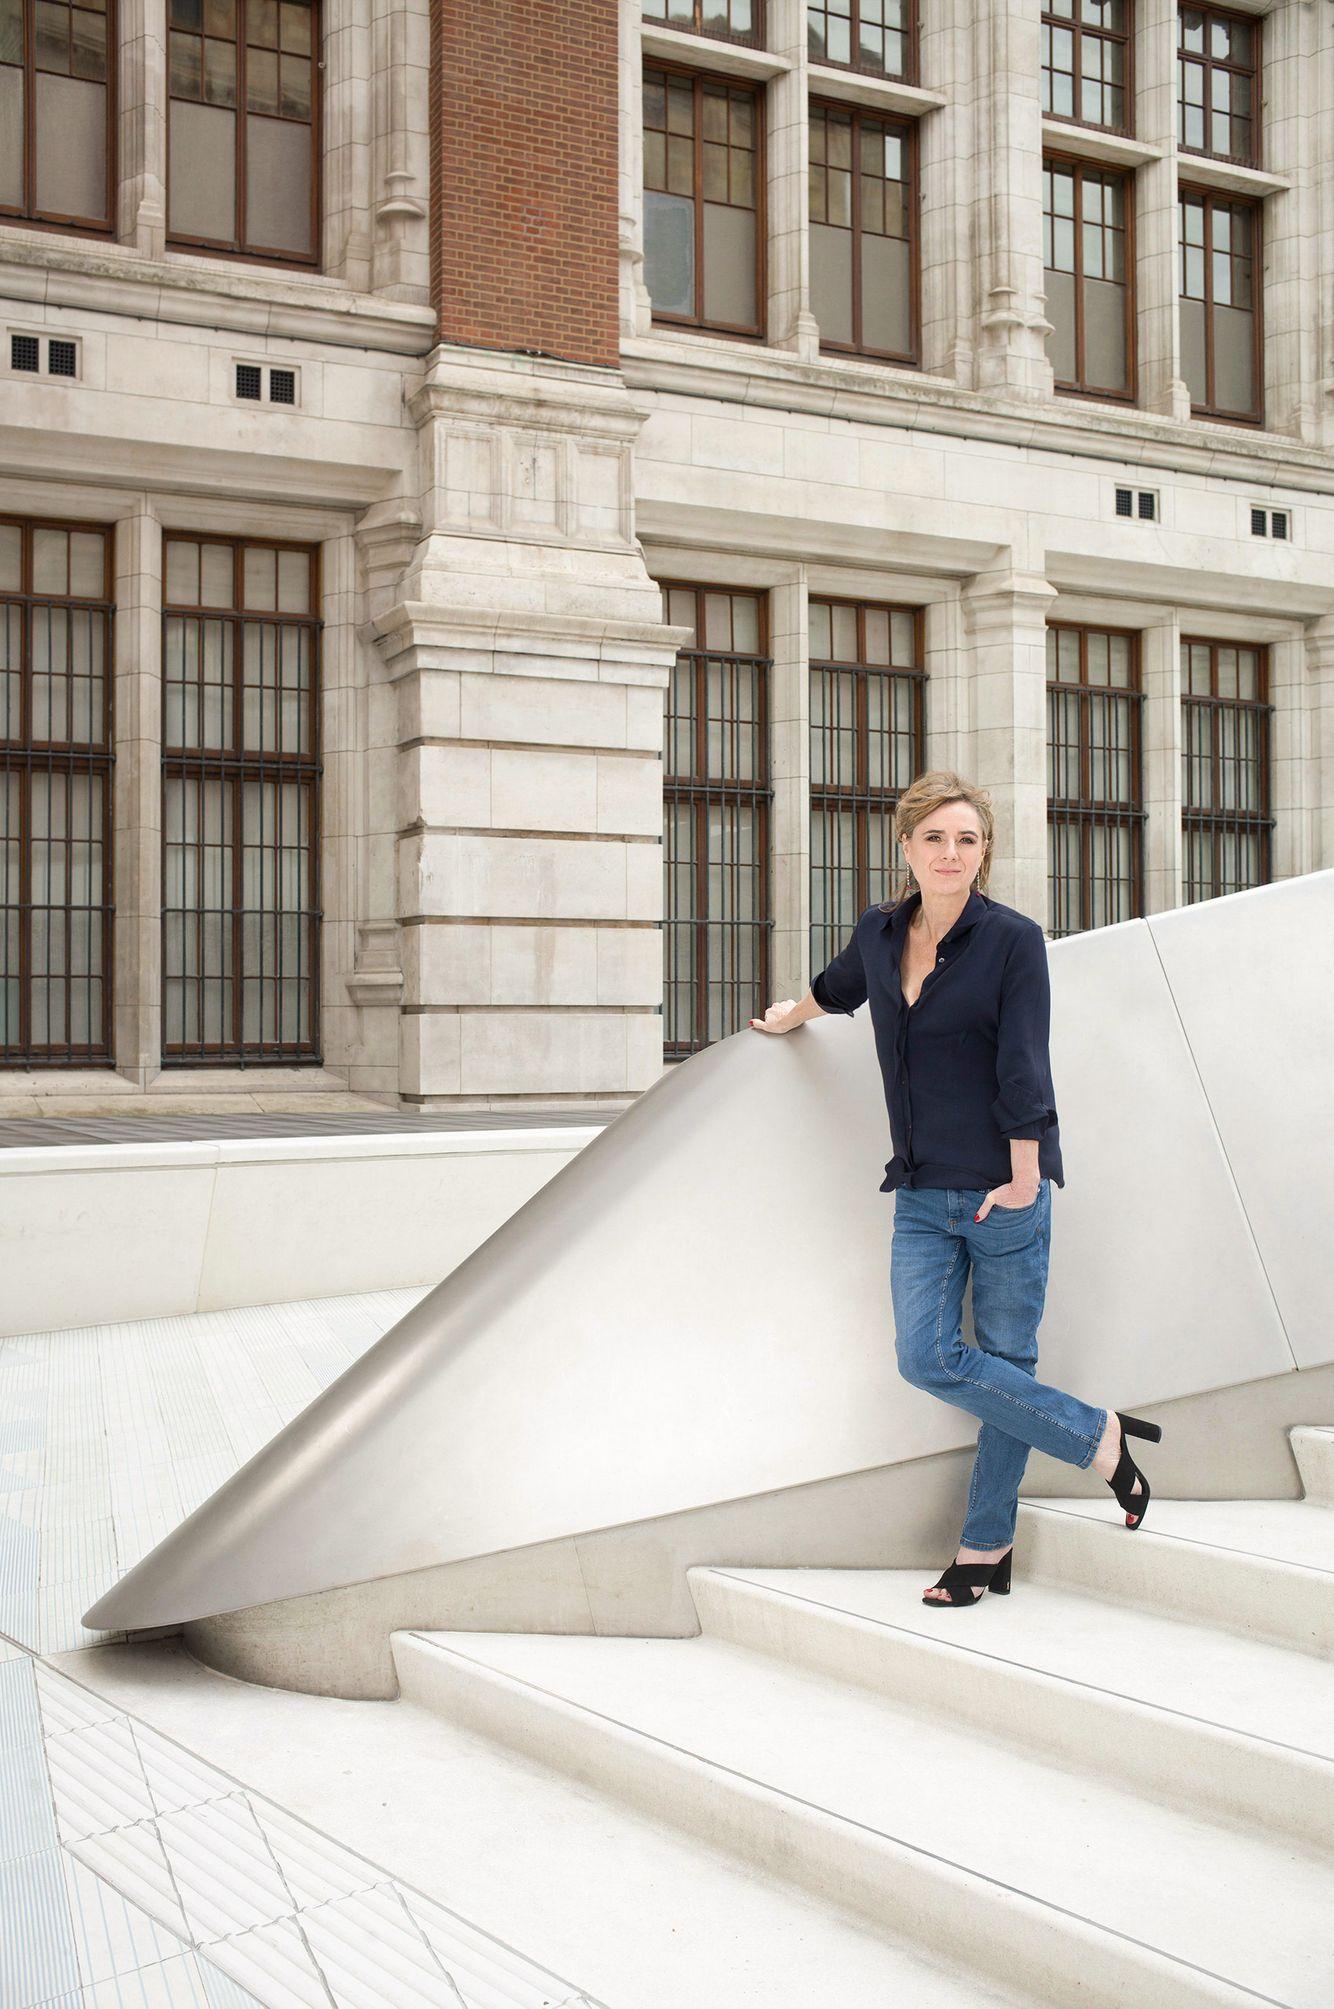 Architect Amanda Levete